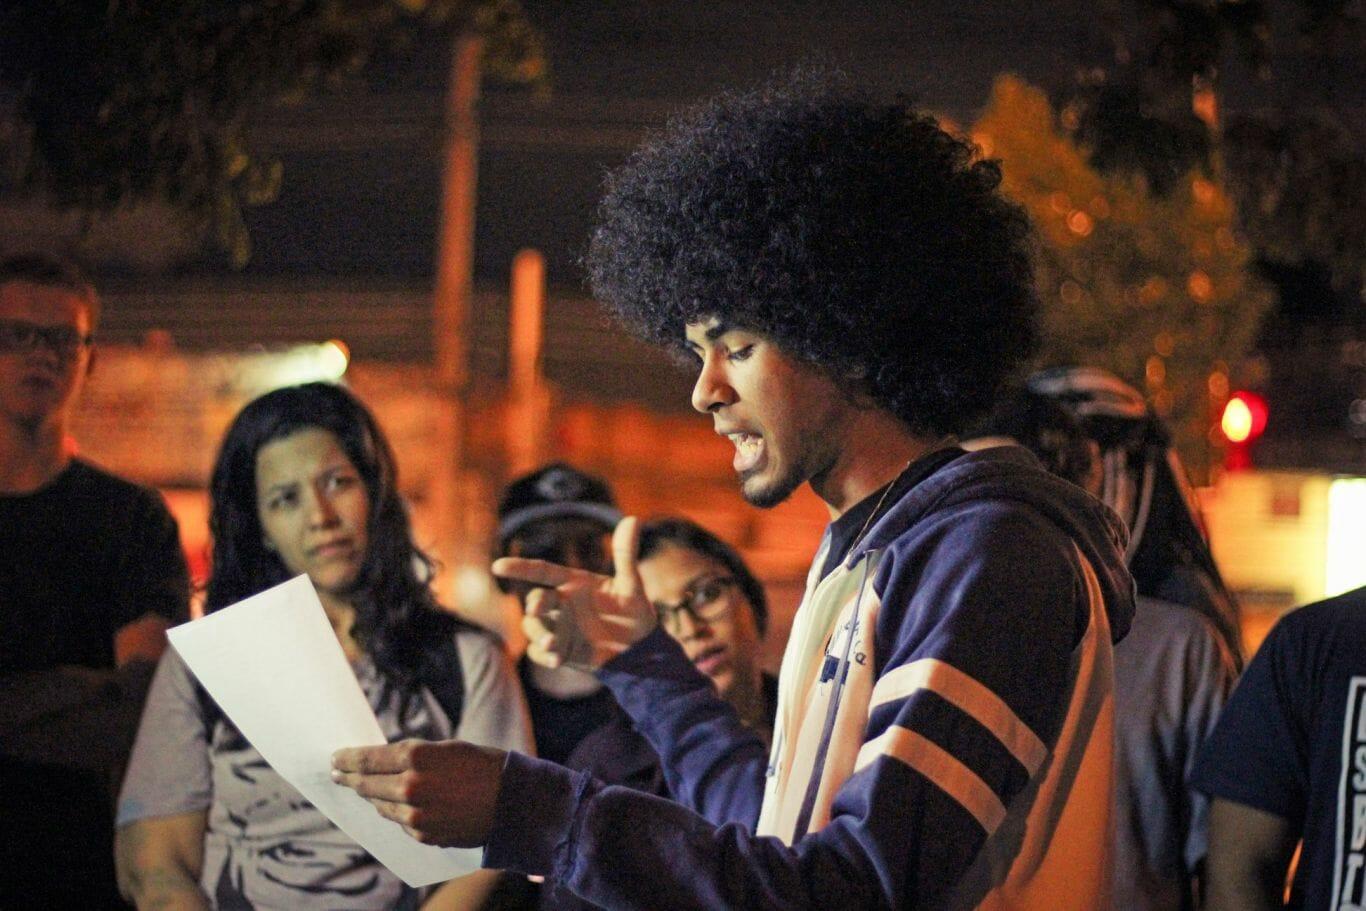 Matheus de Araujo cria da favela Rubens Vaz, no Sarau de Escritório